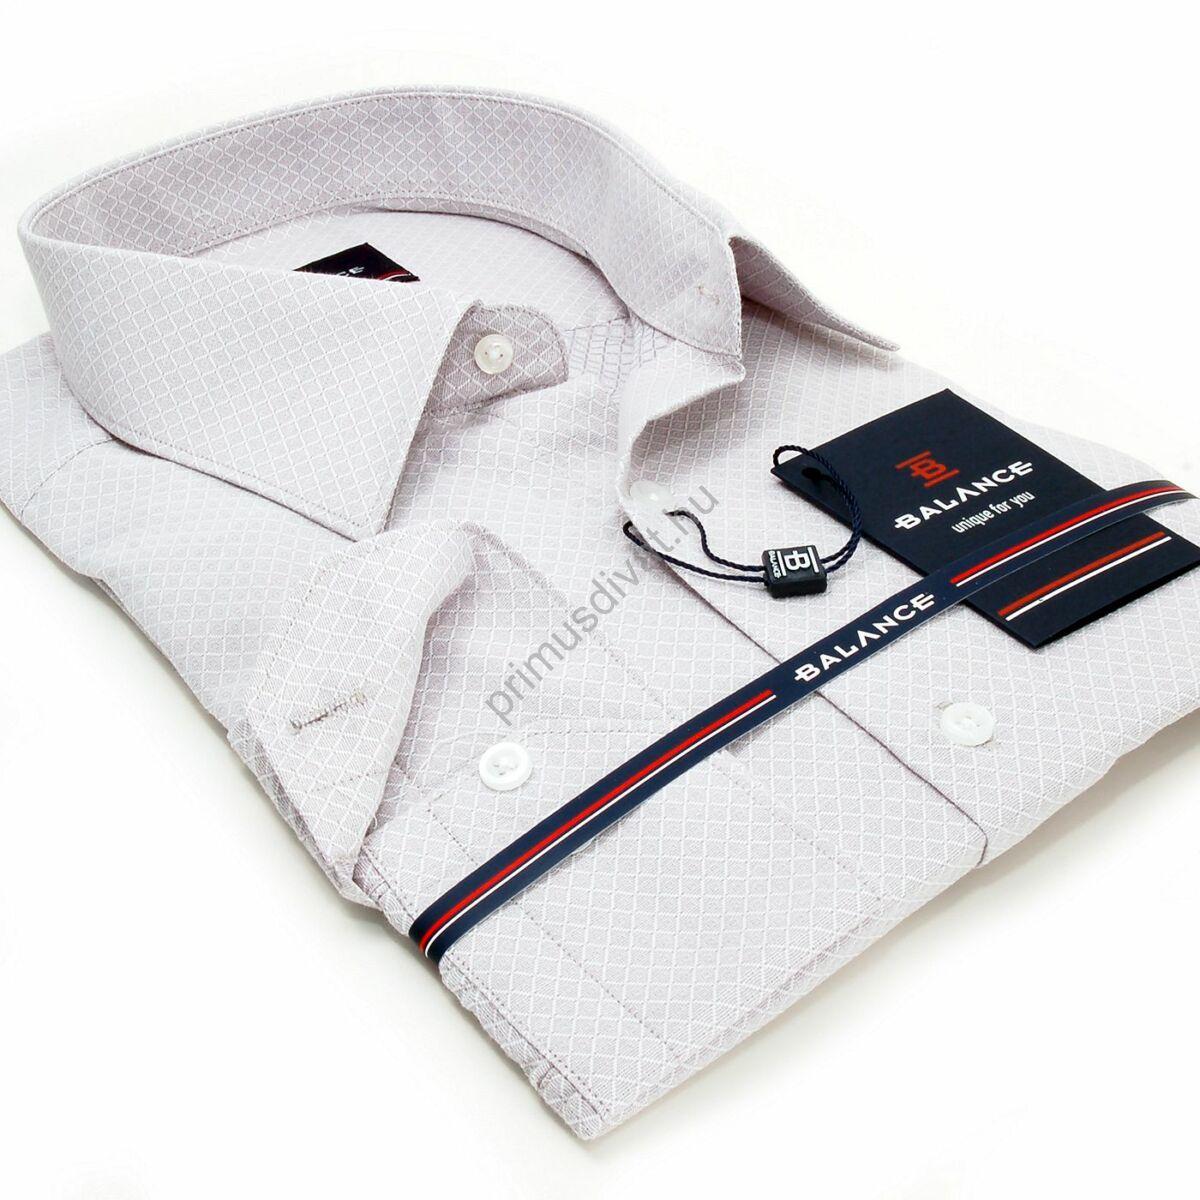 Balance anyagában szövött mintás, egyszínű világosszürke hosszú ujjú karcsúsított long-fit alkalmi ing